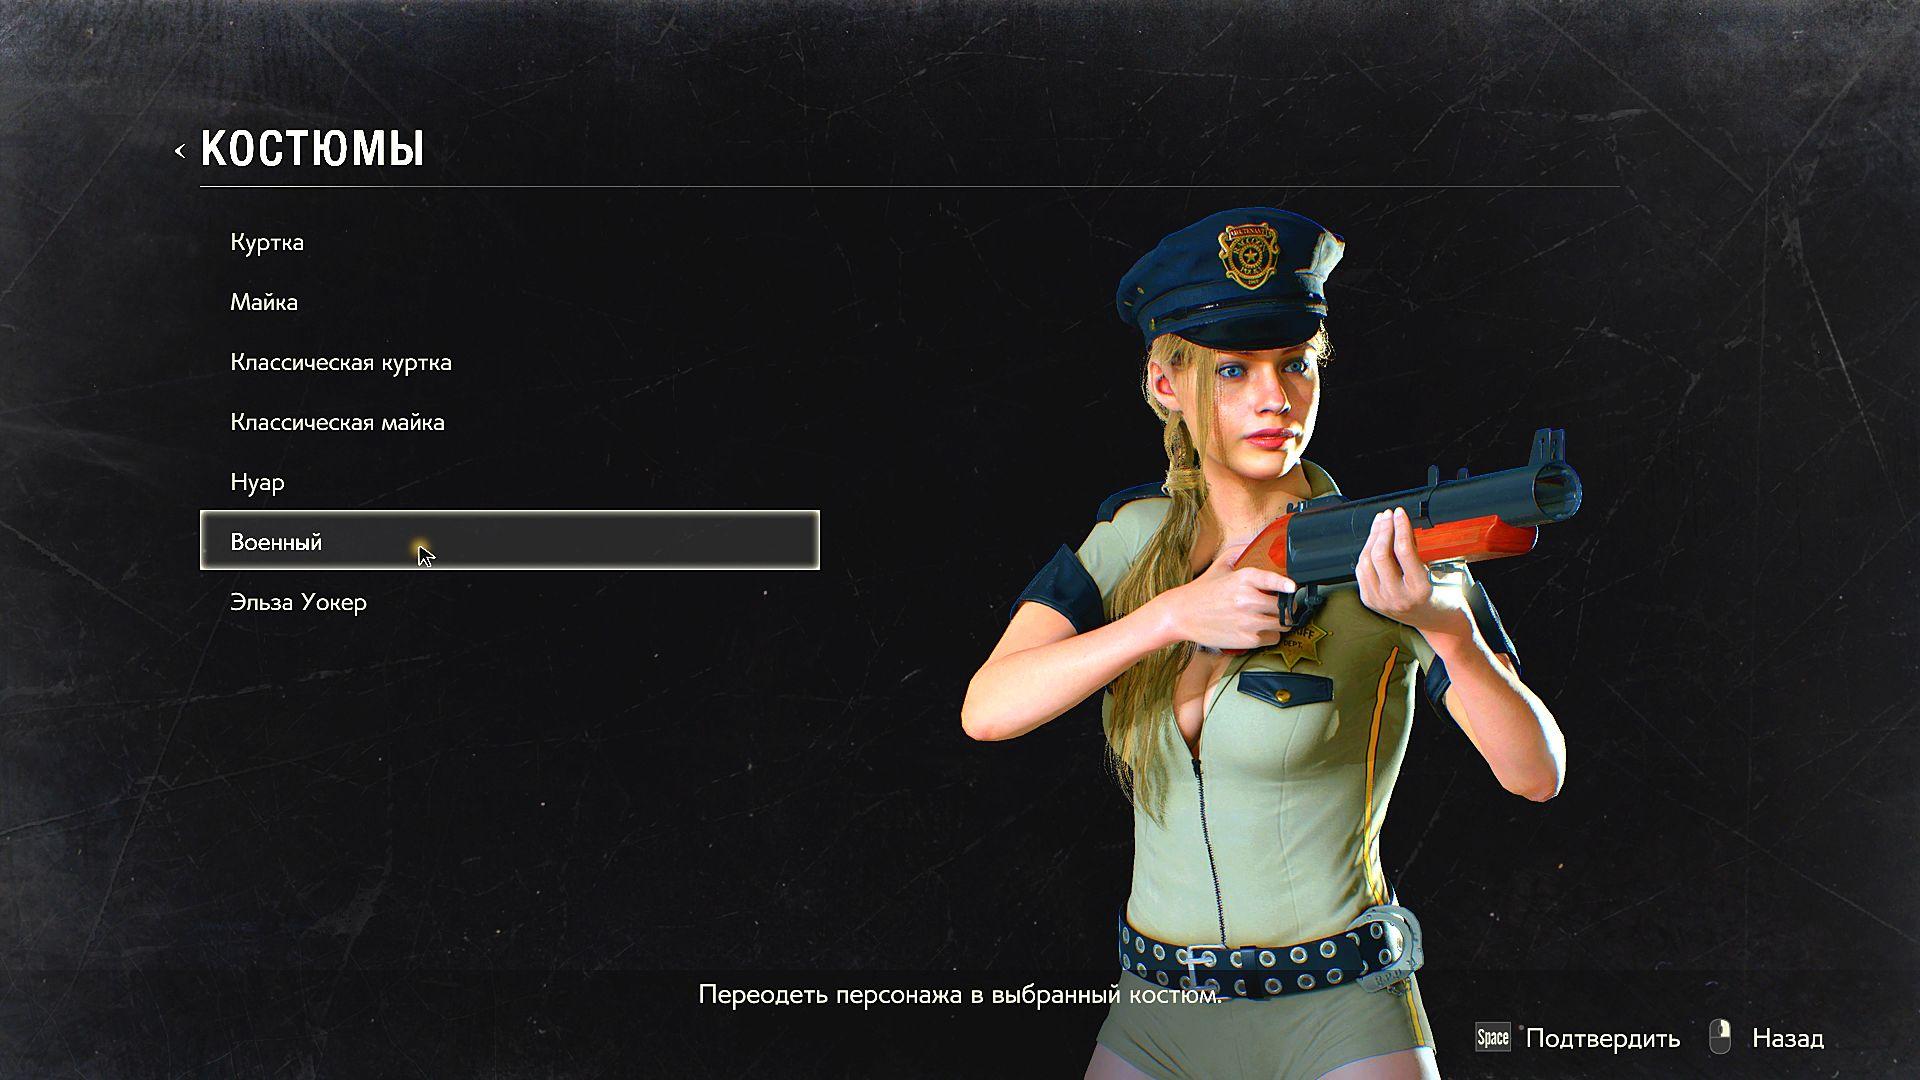 000730.Jpg - Resident Evil 2